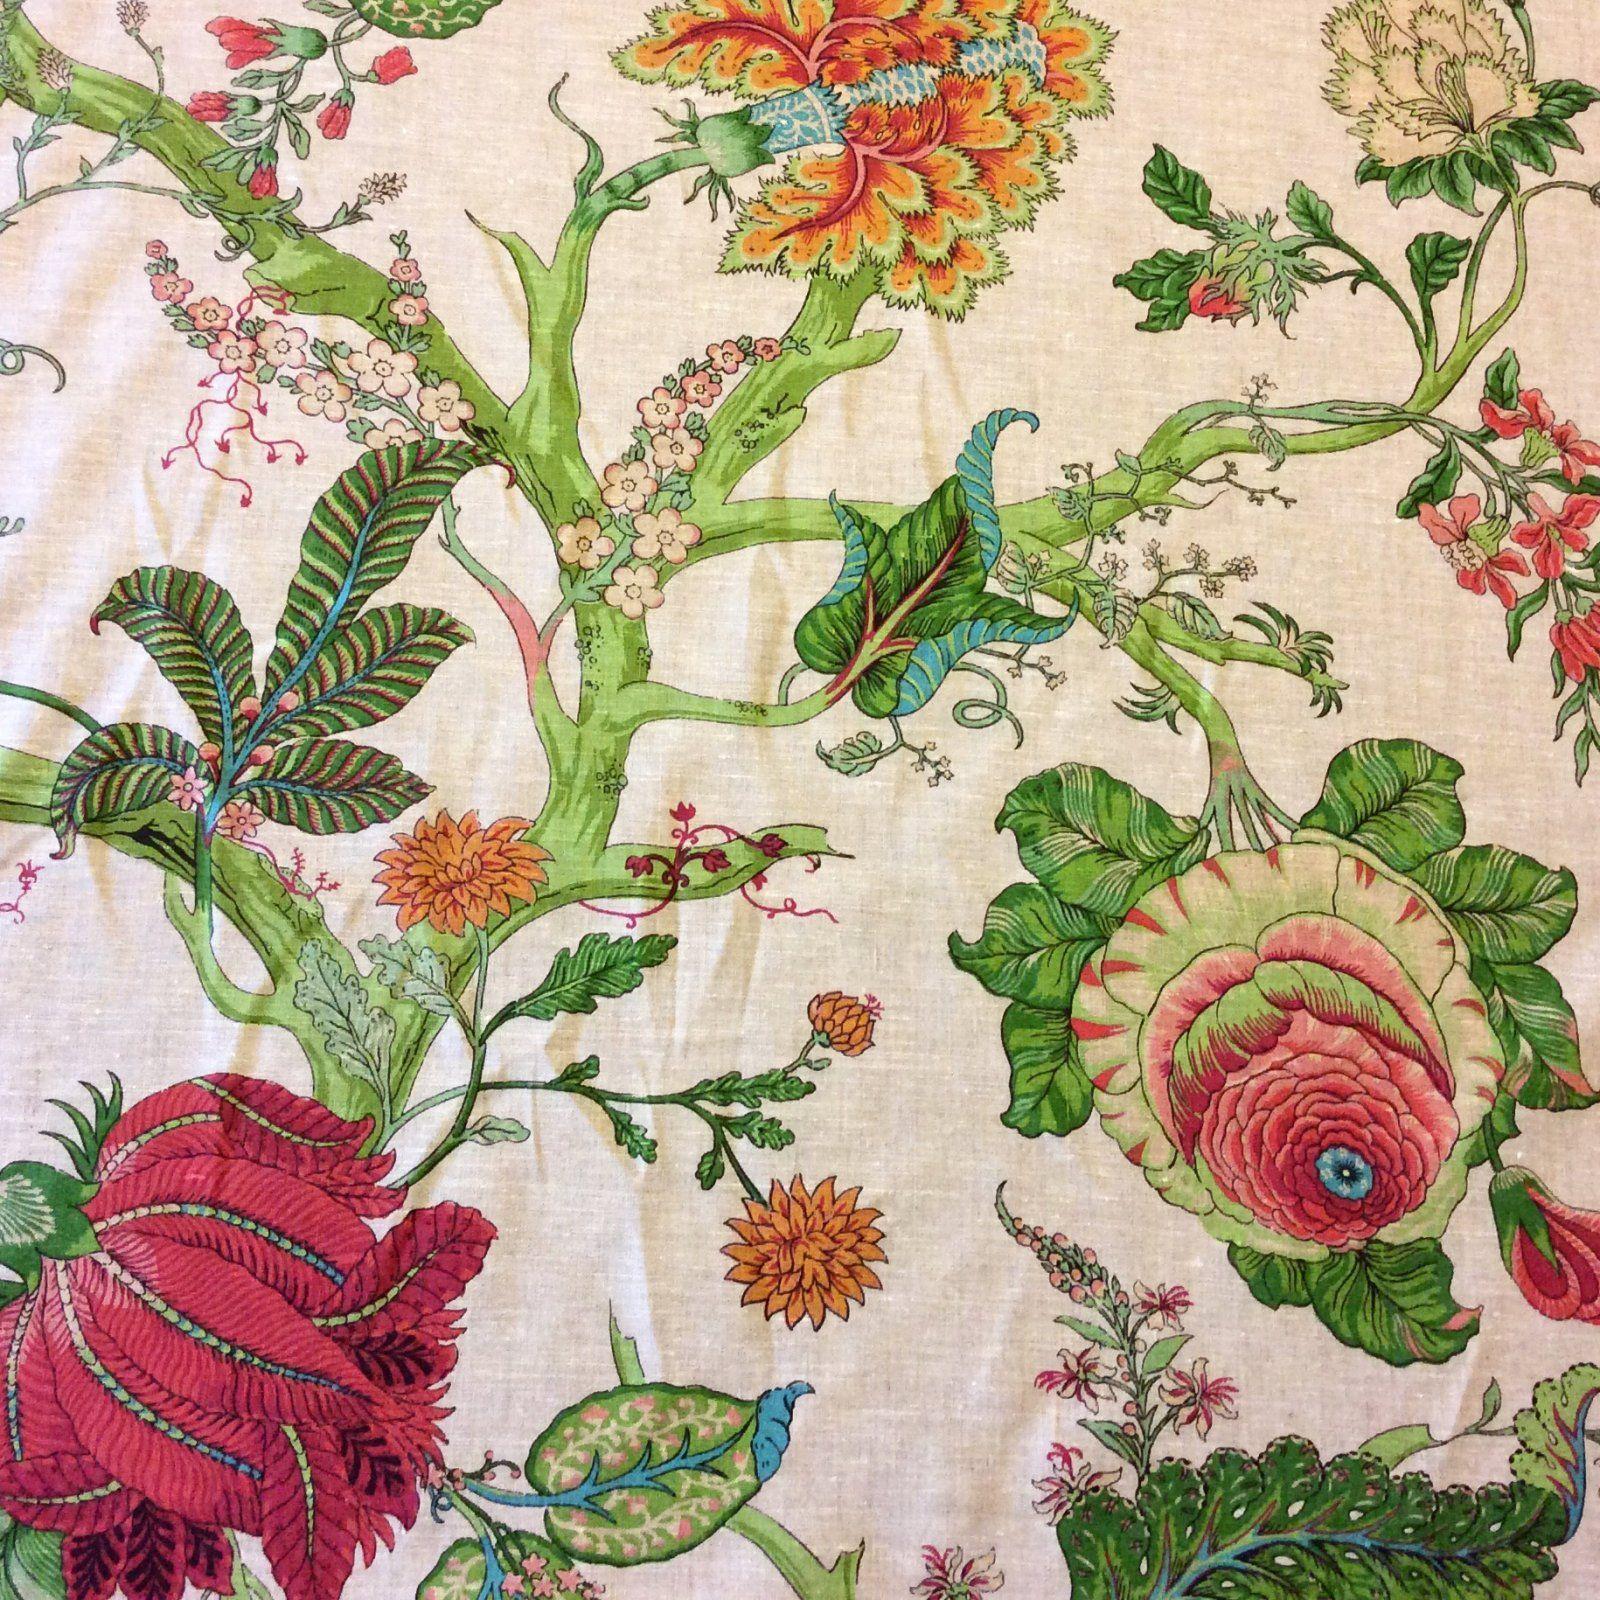 Cv104 Retro Linen Floral Tropical Garden Upholstery Drapery Home Decor Fabric